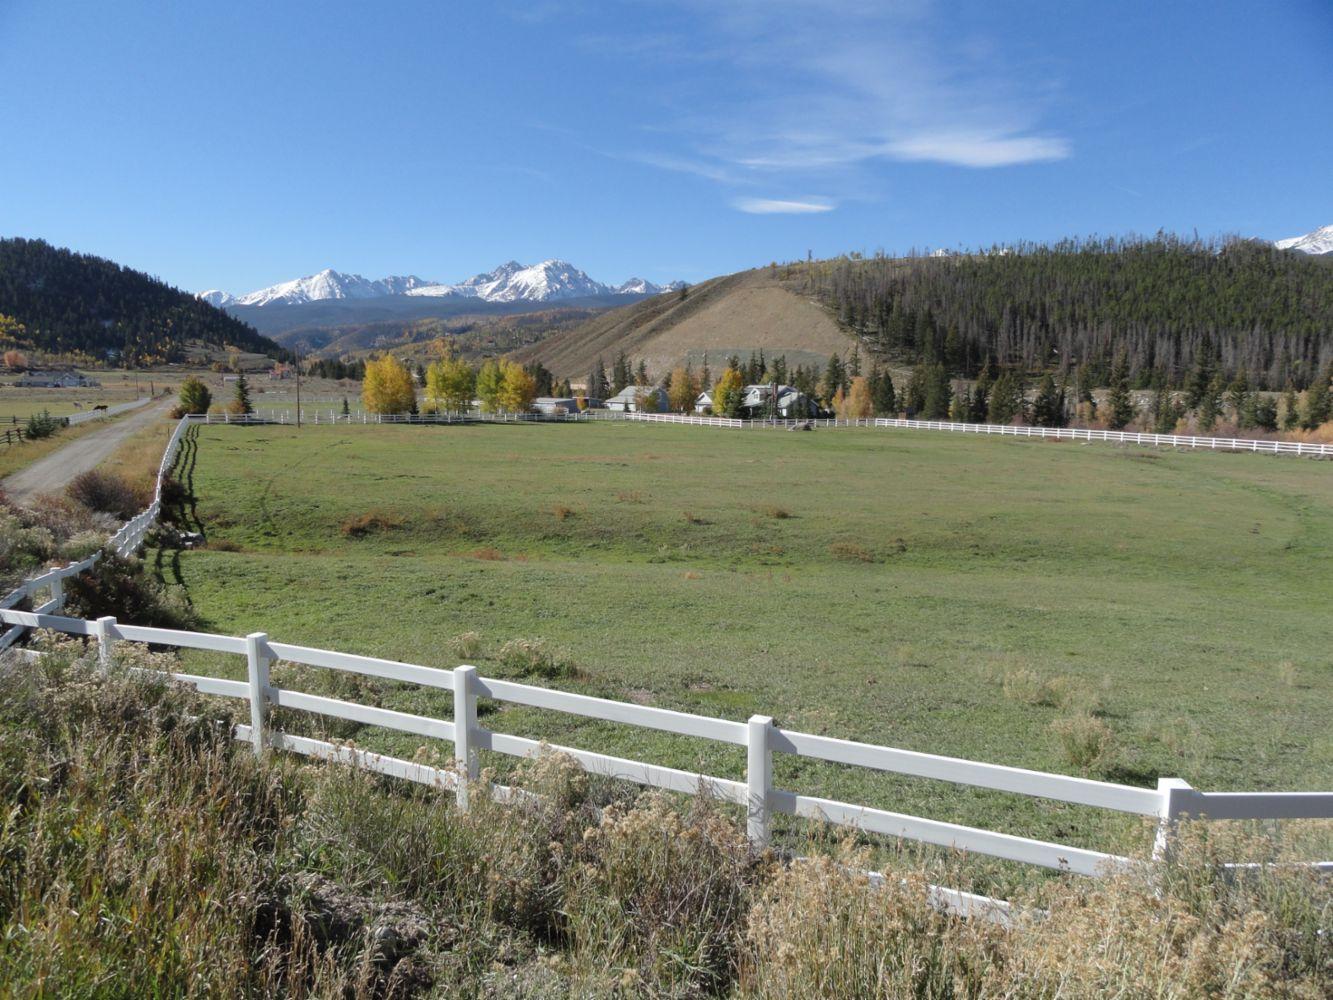 Fencing Contractor In Breckenridge Co Strategic Fence